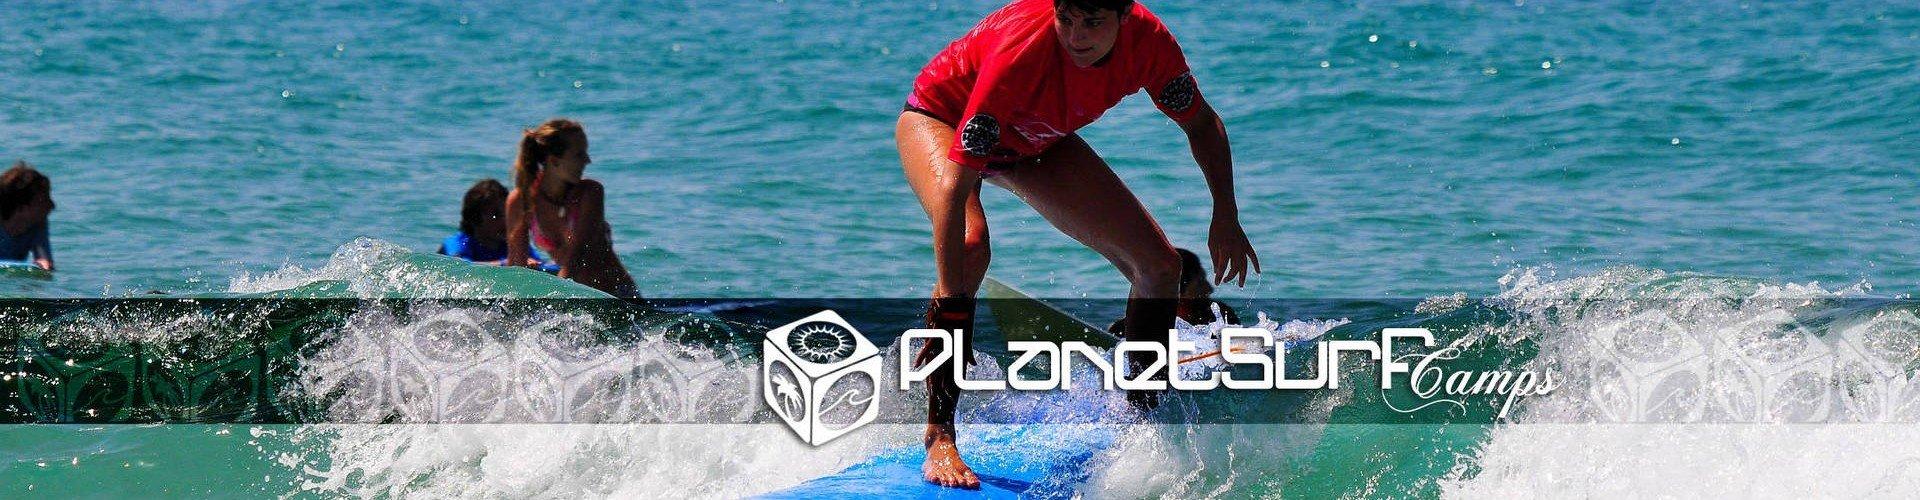 Junior Surfen einen sonnigen Wave in Europa